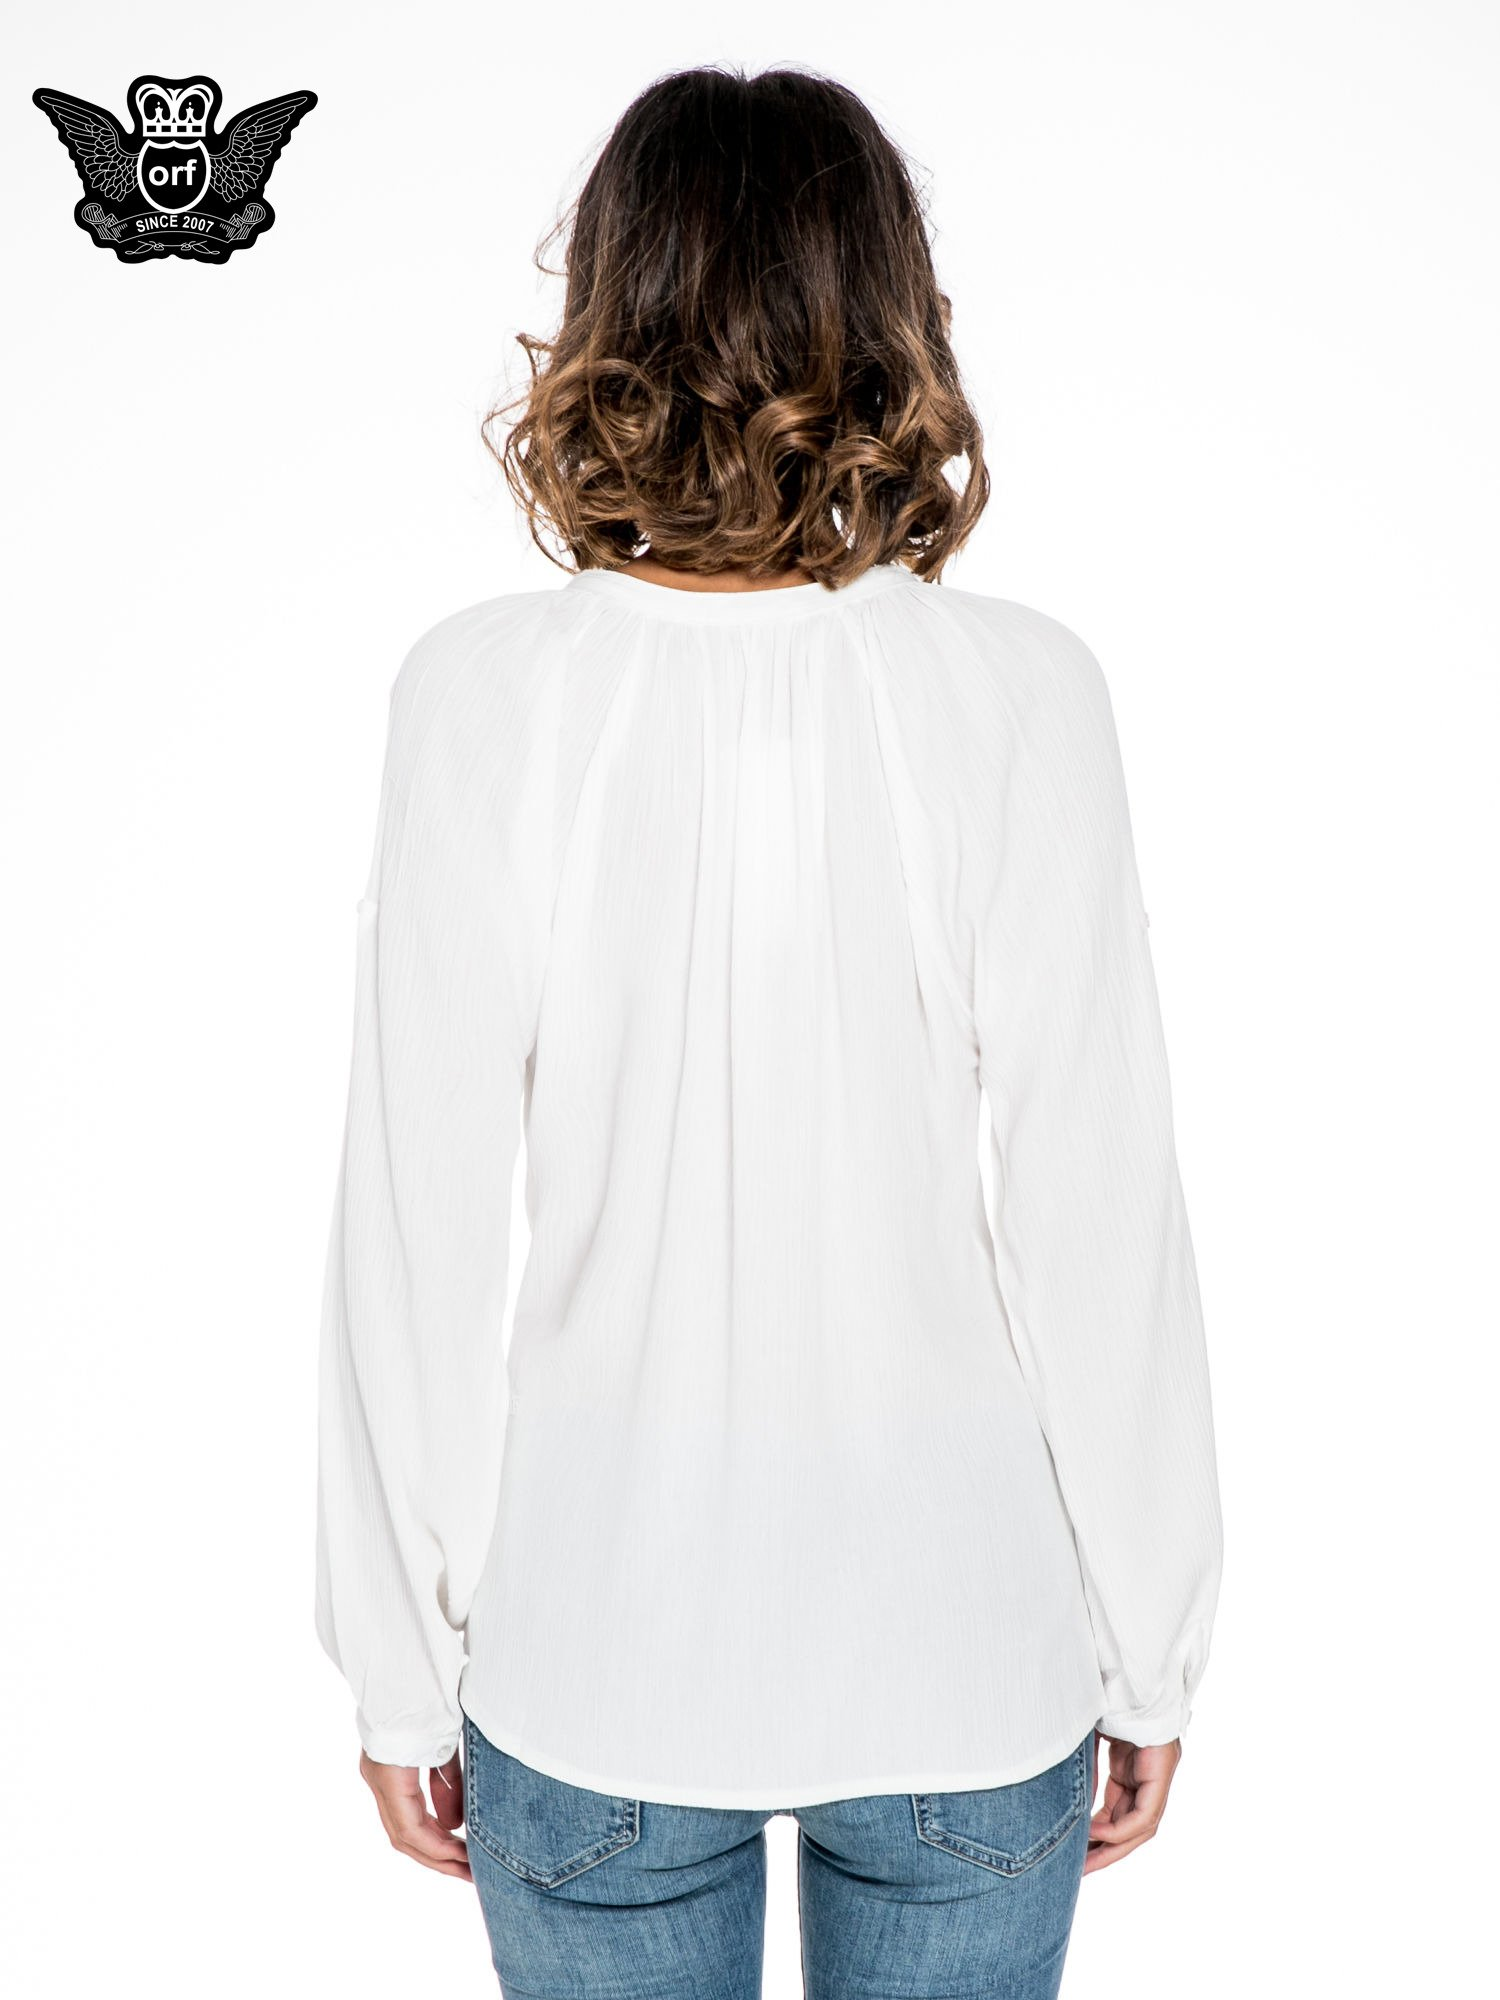 Ecru koszula z marszczonym dekoltem i wzorzystą wstawką w stylu hippie                                  zdj.                                  2